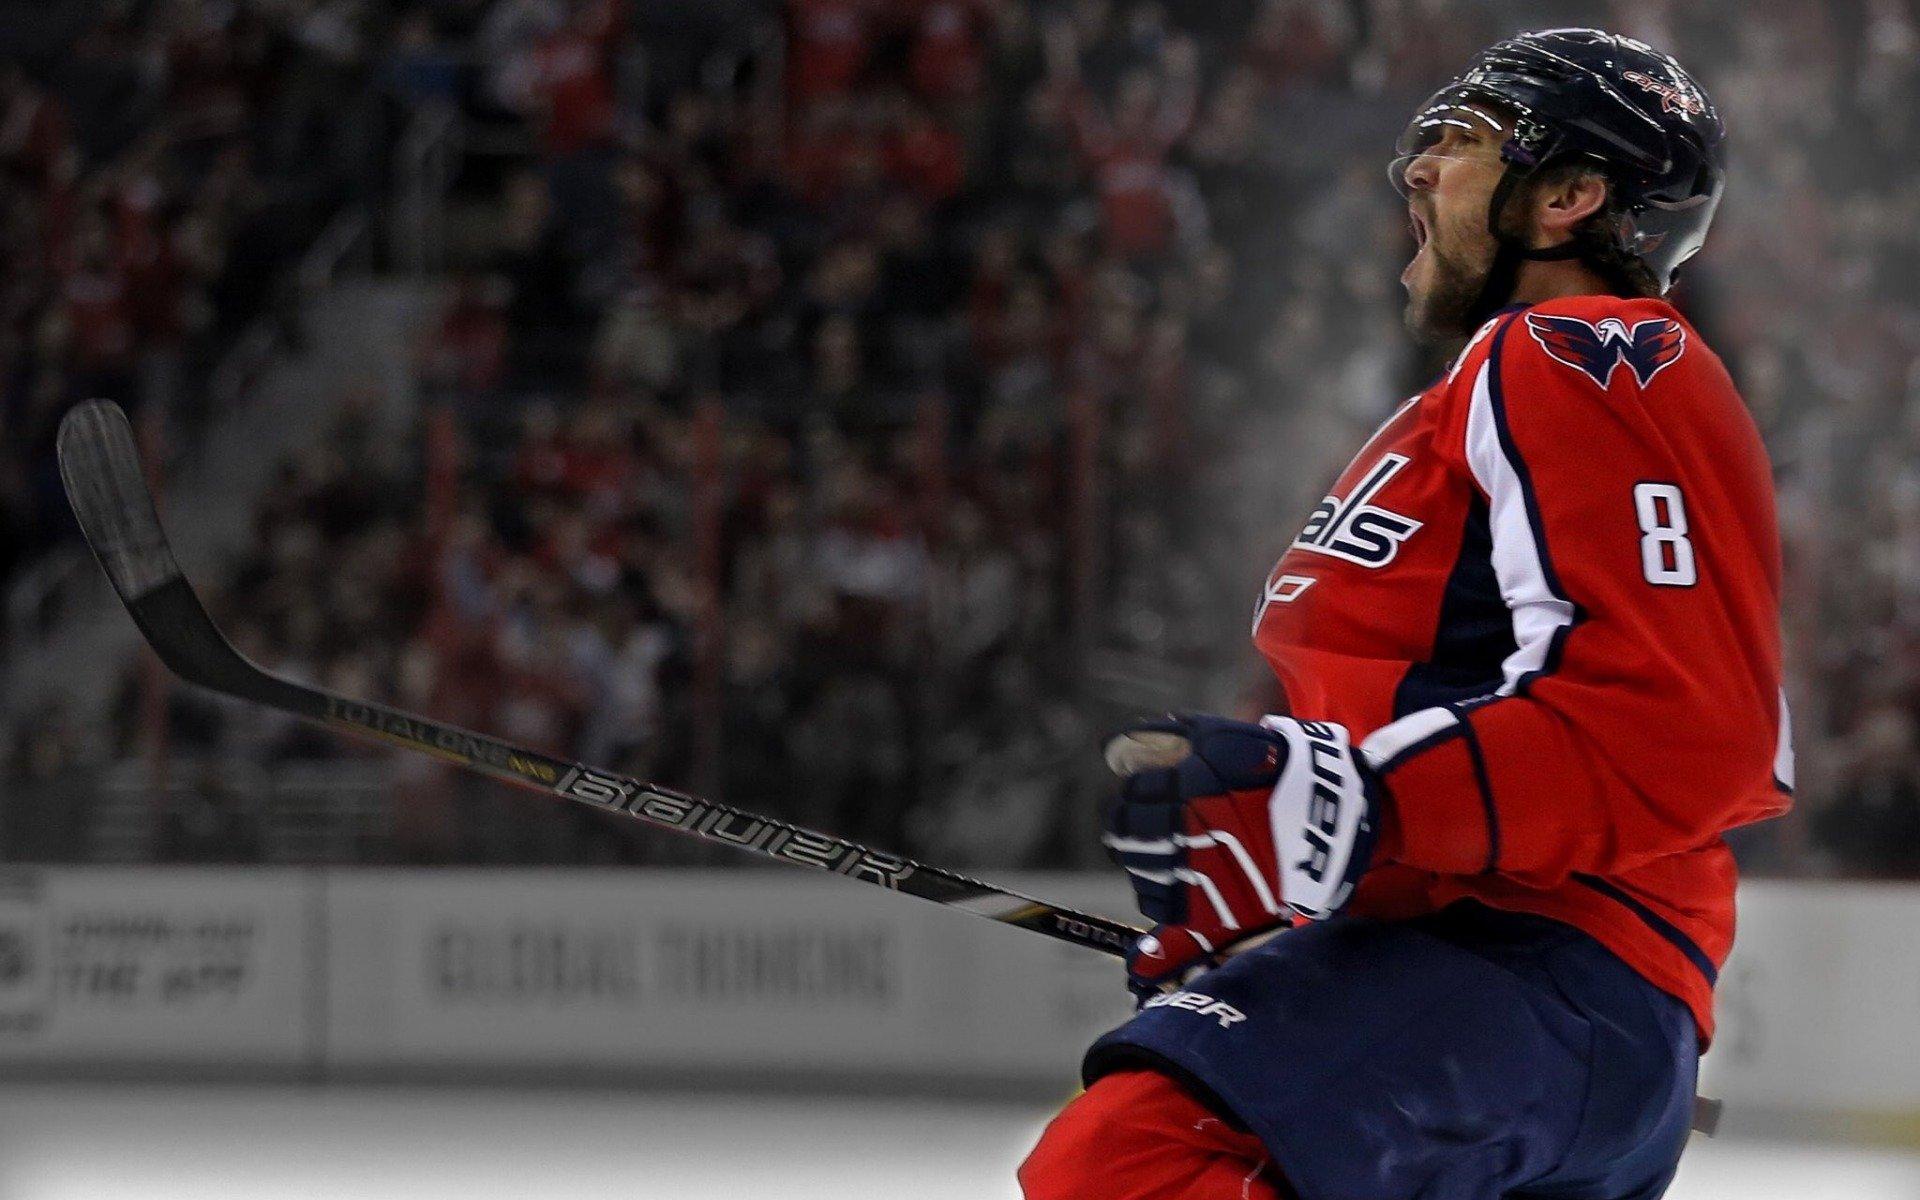 Чемпионат НХЛ. Овечкин разбушевался: русский форвард забросил восьмую шайбу всезоне